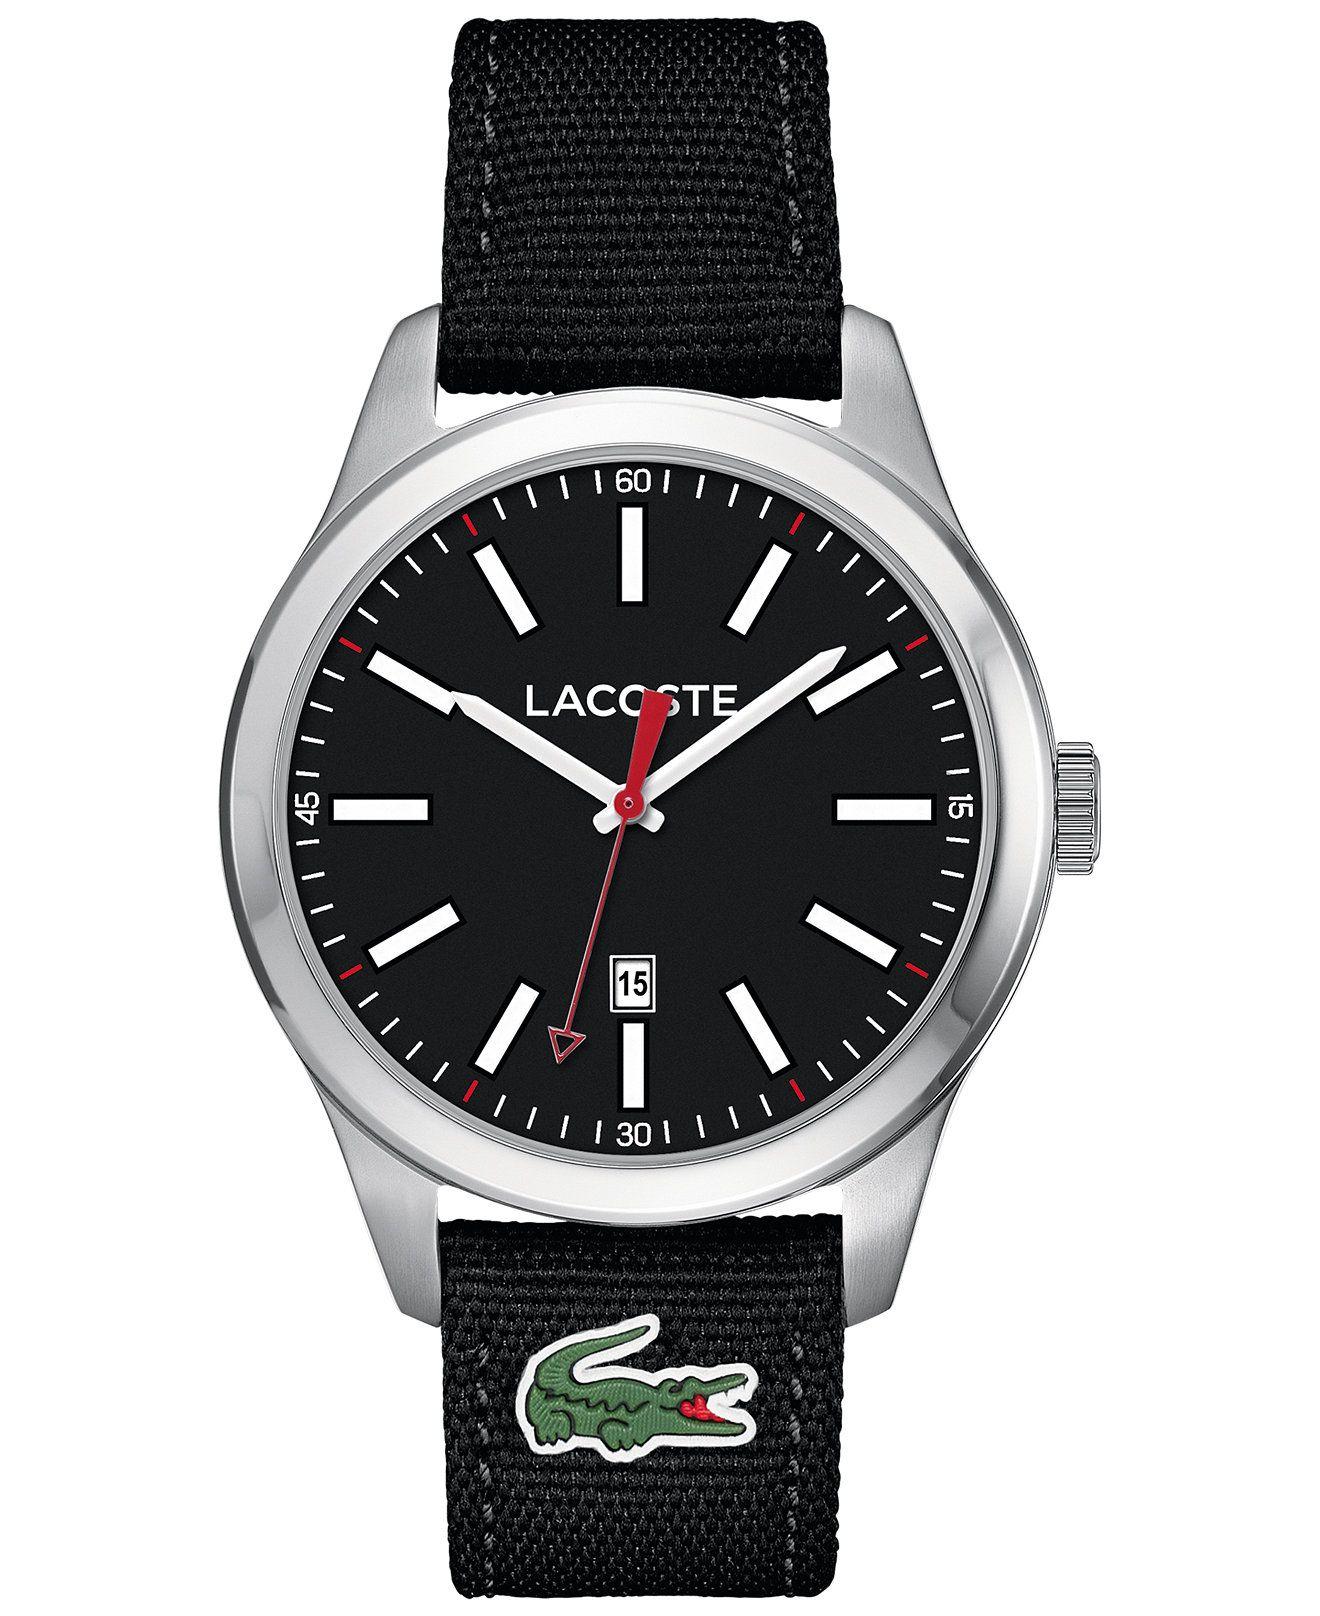 6fe055df37 Por estar de lanzamiento, tenemos este hermoso reloj Lacoste para hombre con  el 10%